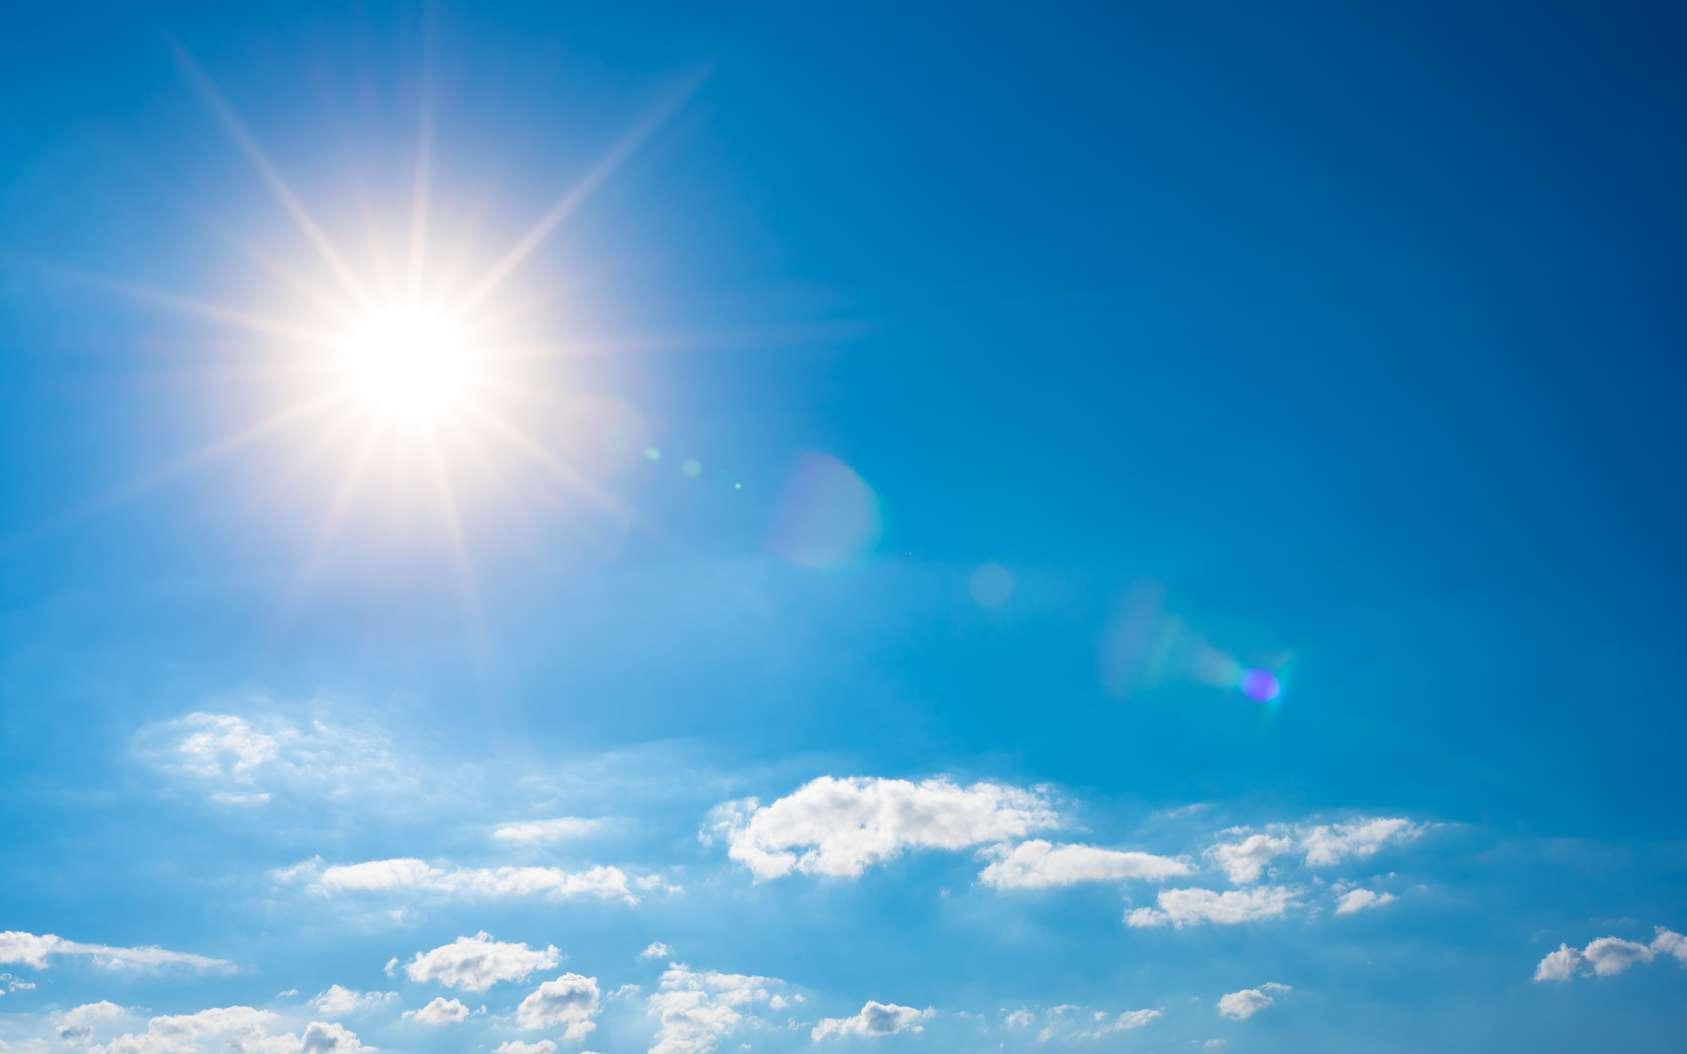 Le mois de décembre le plus chaud depuis au moins 70 ans